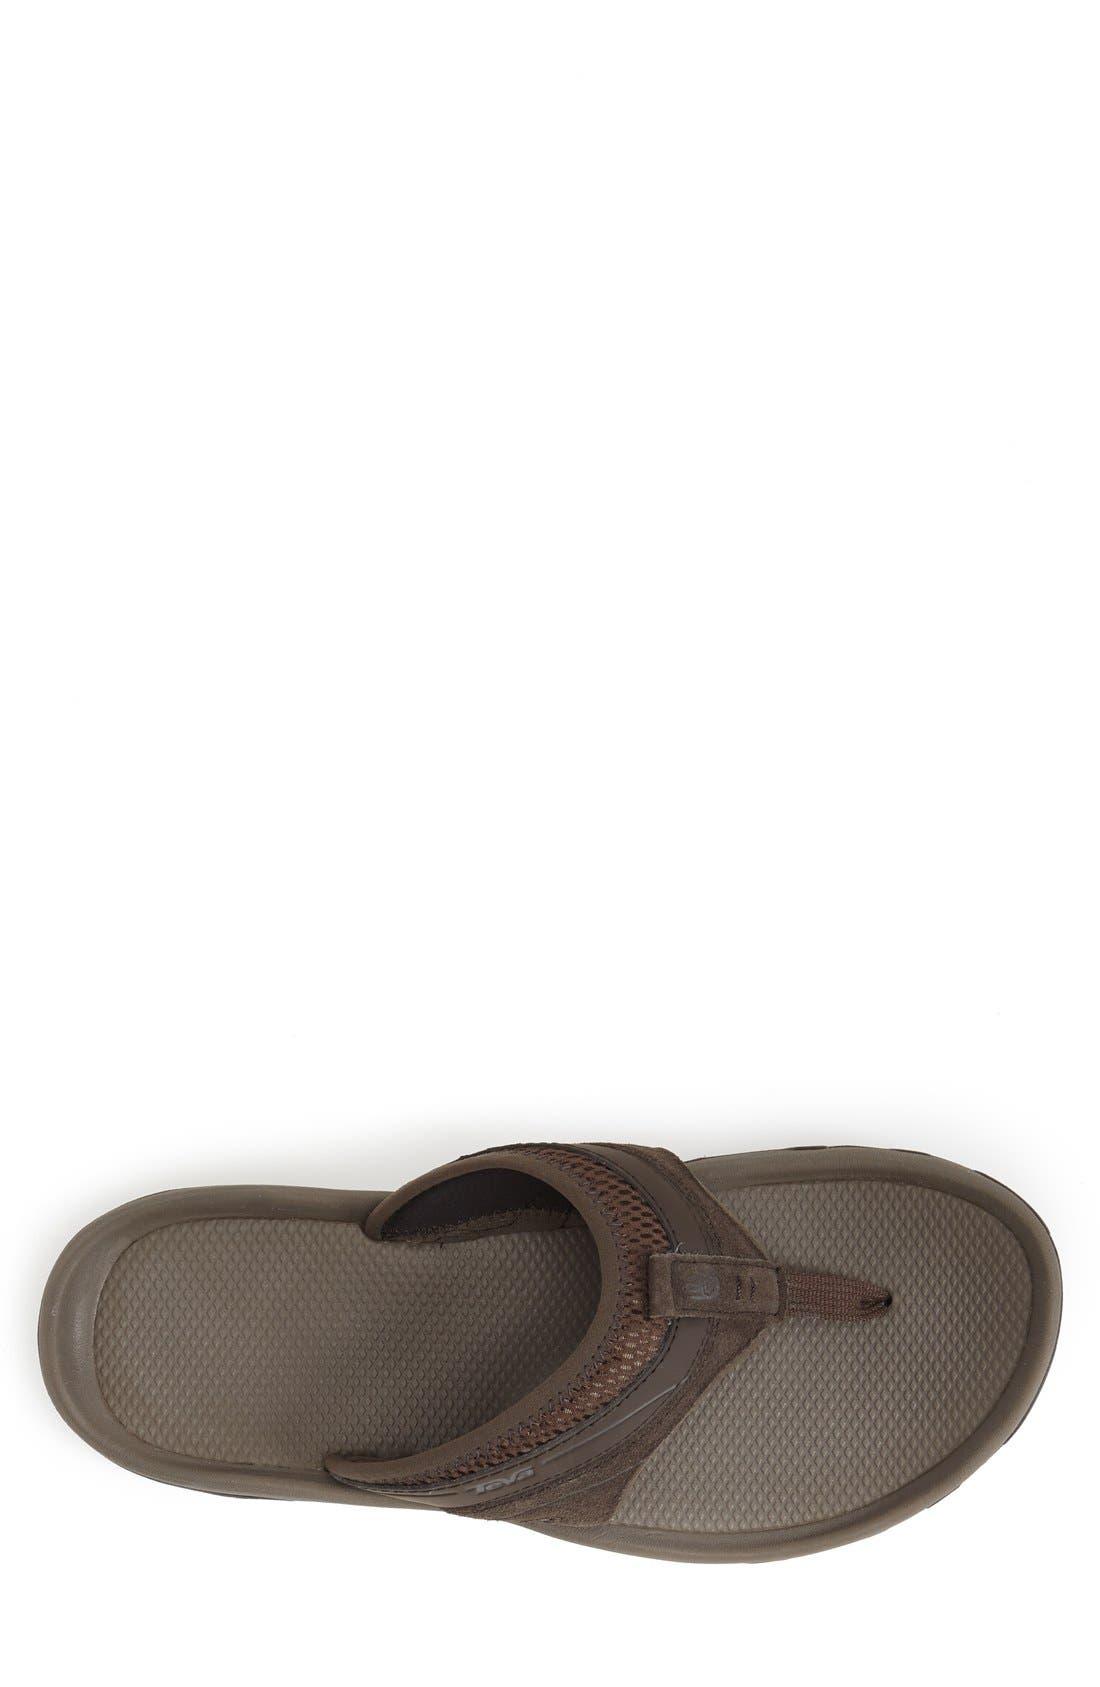 Alternate Image 3  - Teva 'Pajaro' Sandal (Men)